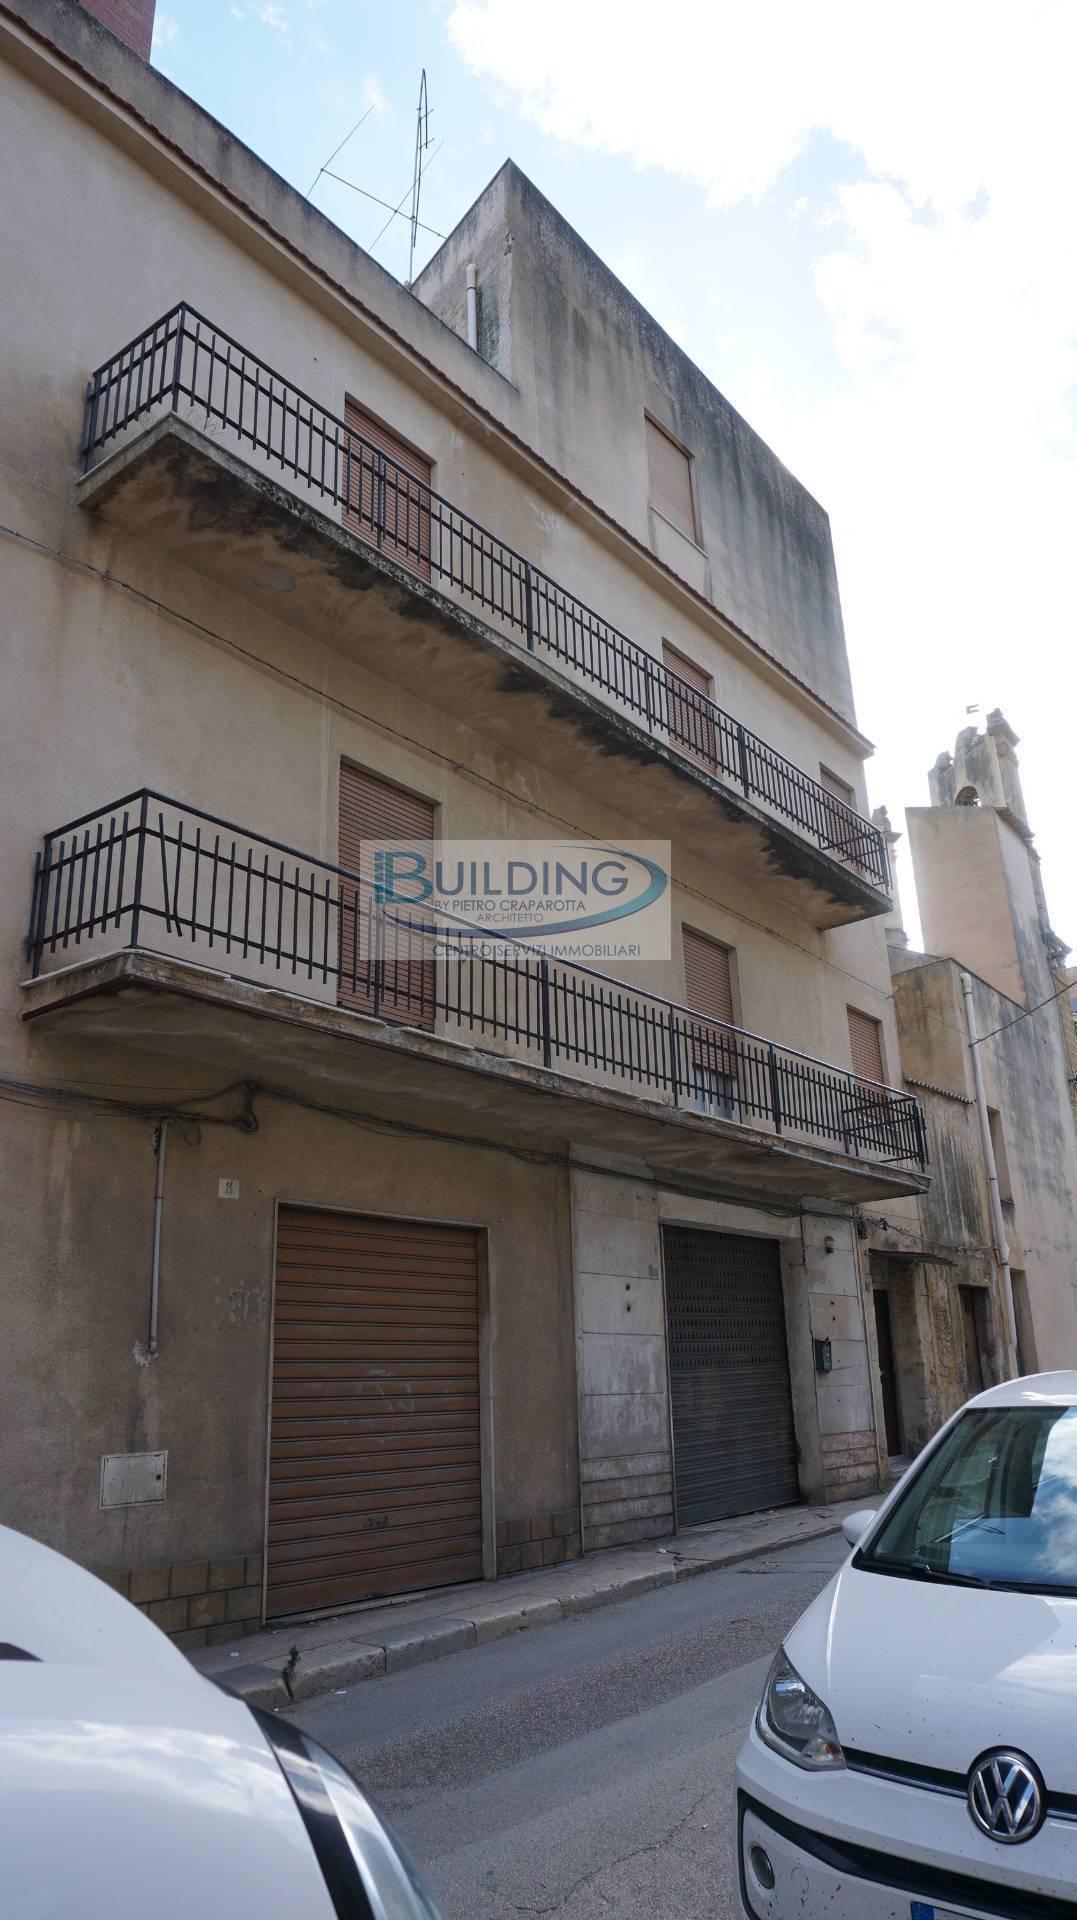 Appartamento in vendita a Castelvetrano, 6 locali, zona Località: CentroStorico, prezzo € 11.000 | PortaleAgenzieImmobiliari.it